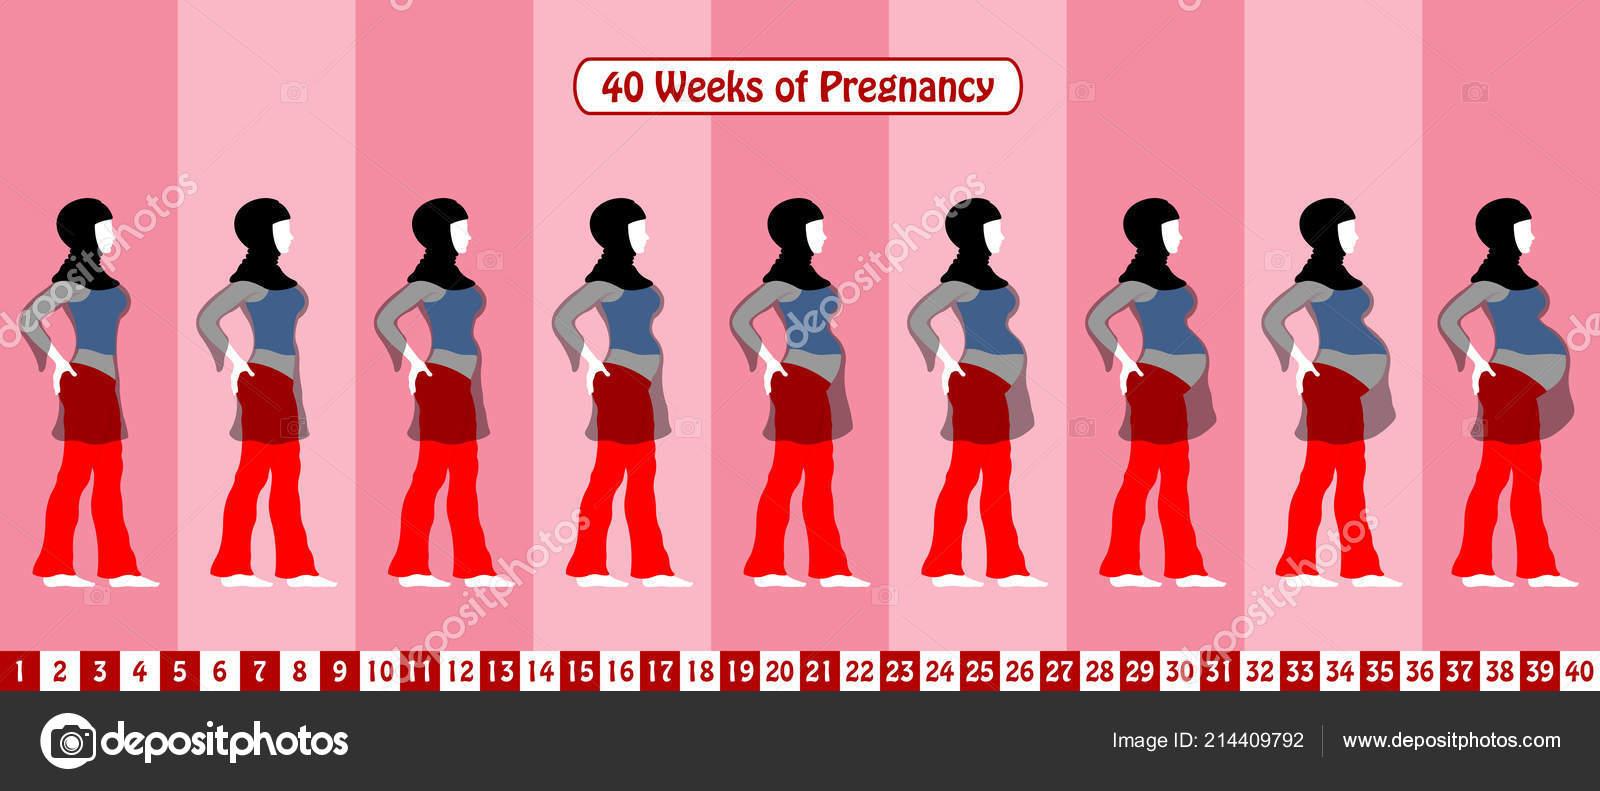 cdce404ea 40 semanas de embarazo con una mujer musulmana embarazada lleva velo  religioso y vestido transparente. Todas las etapas del cuerpo y objetos en  diferentes ...